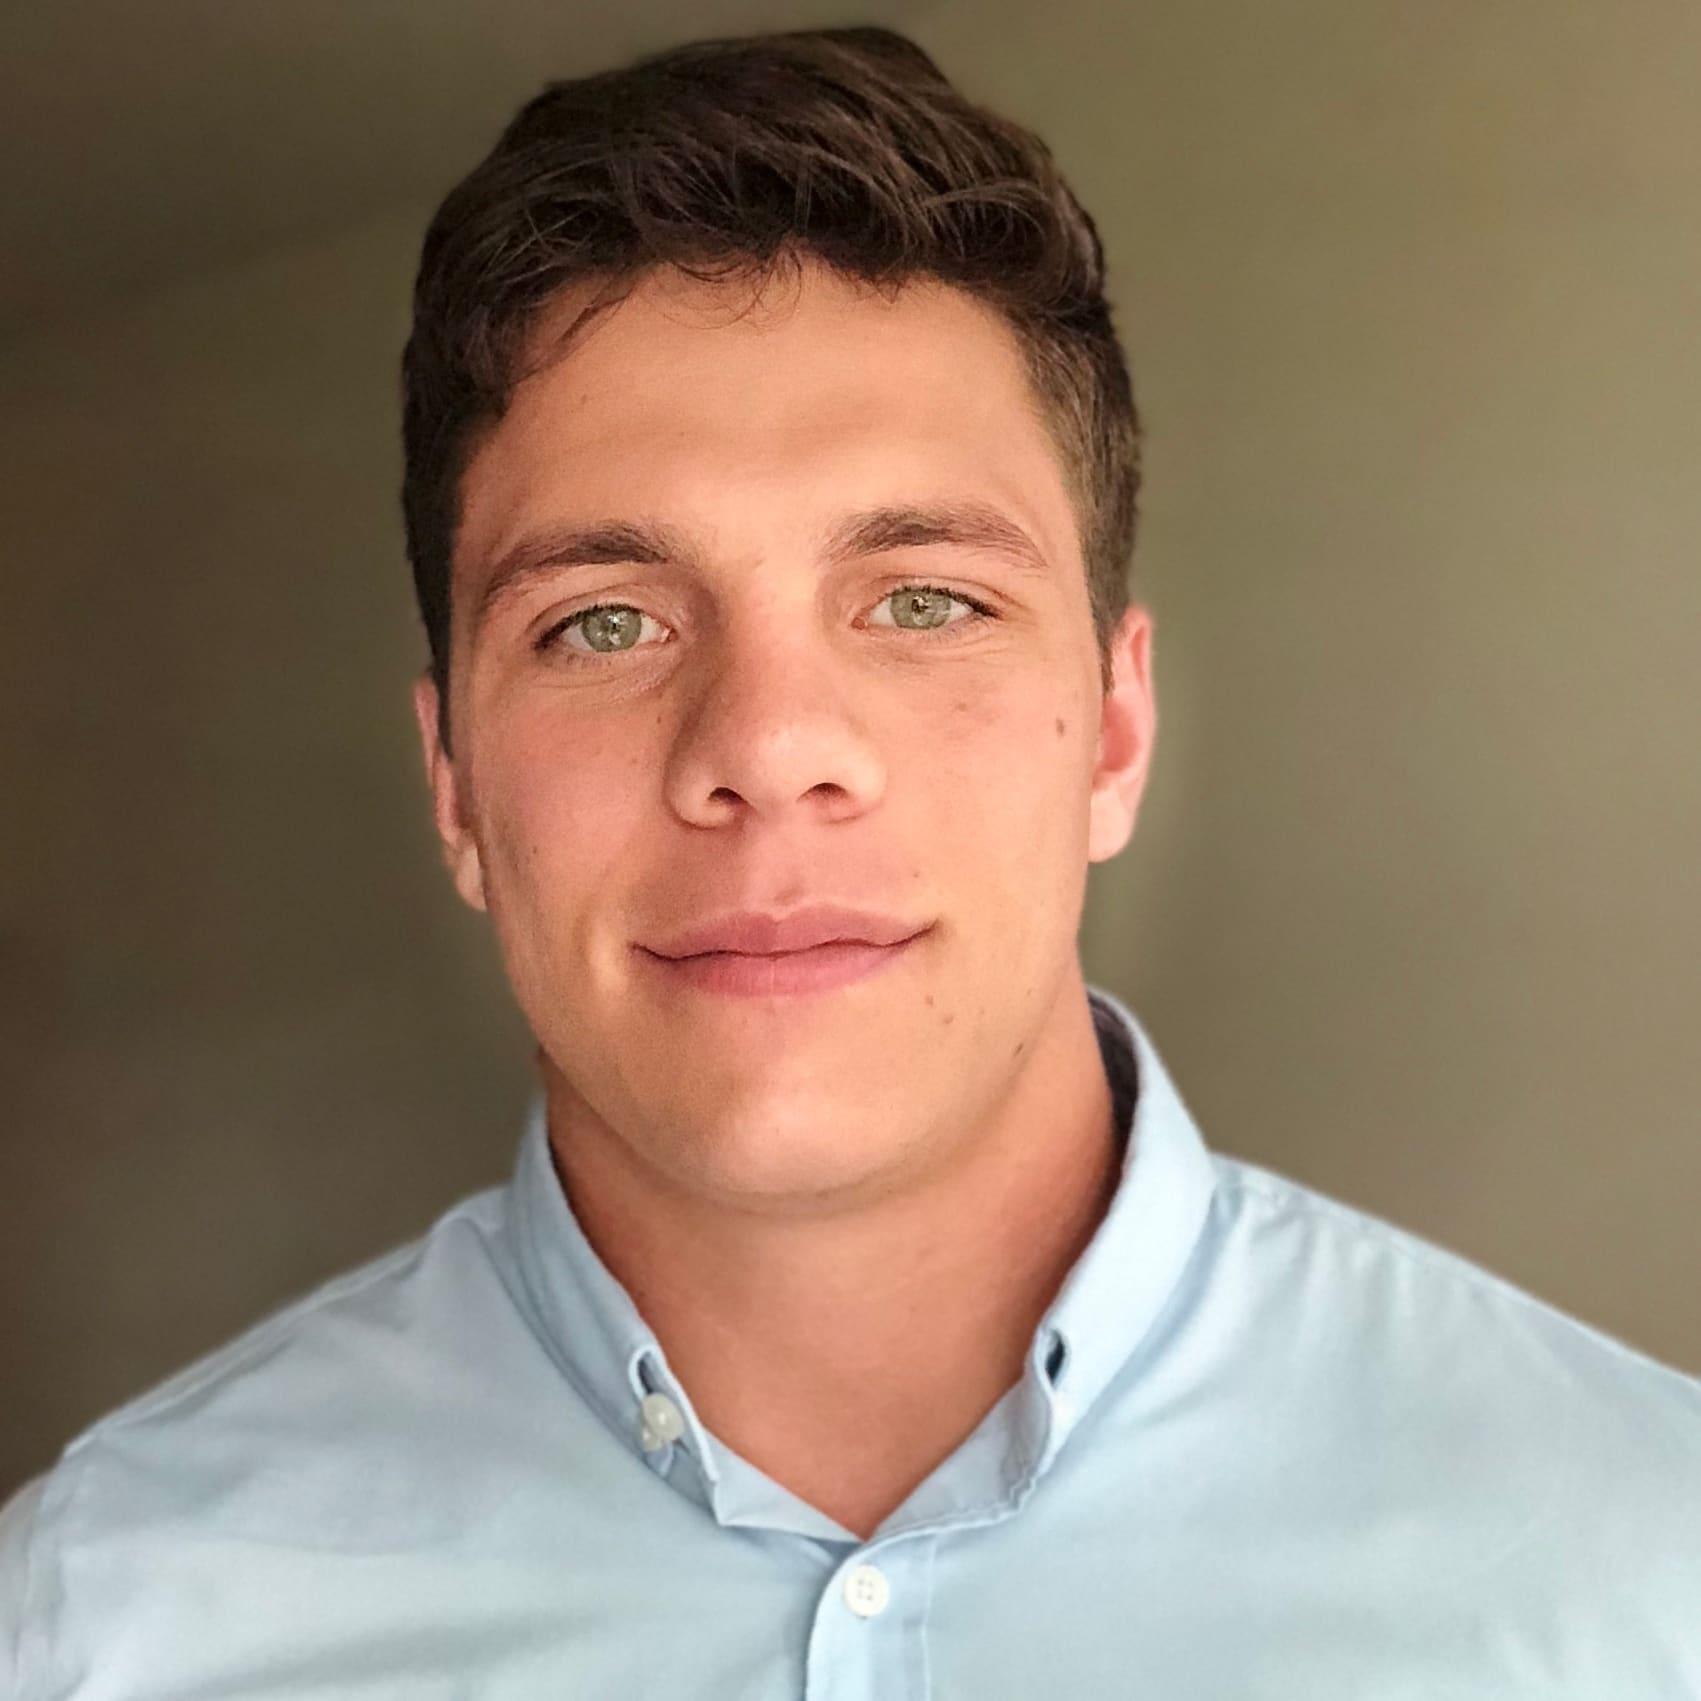 Austin Schaffer